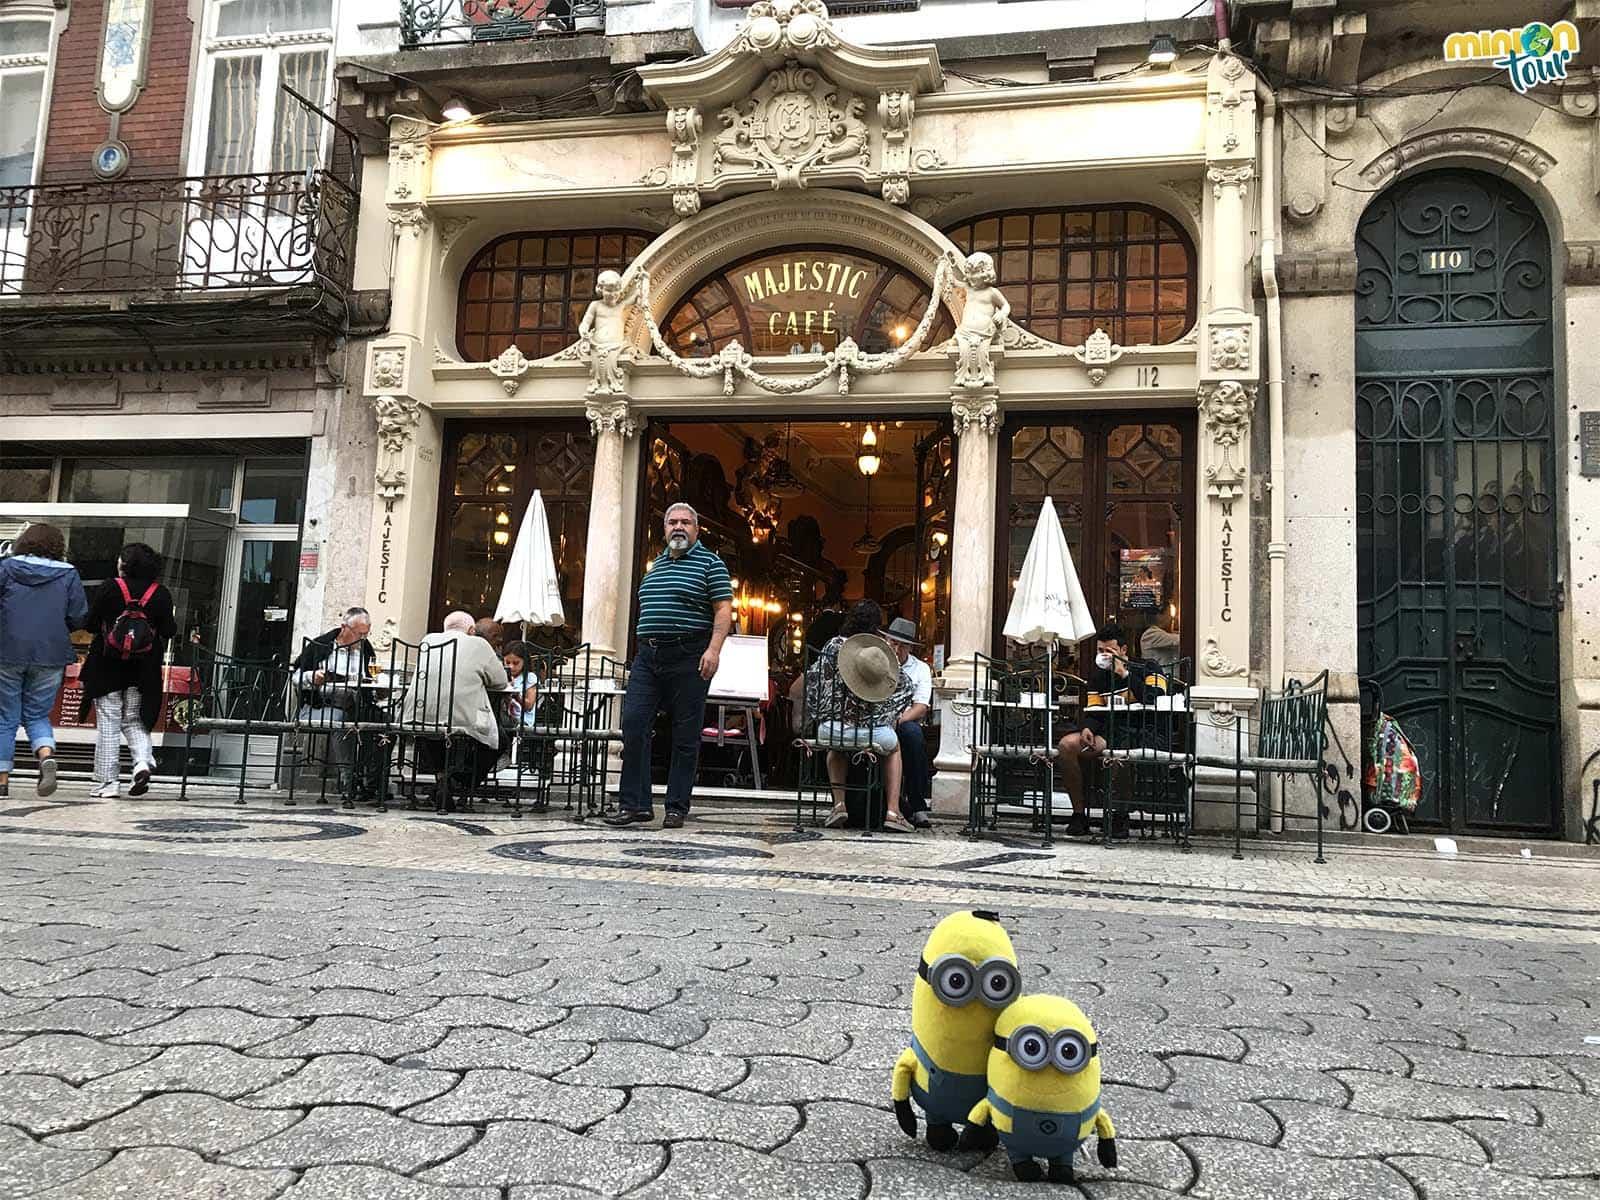 El Café Majestic en Oporto